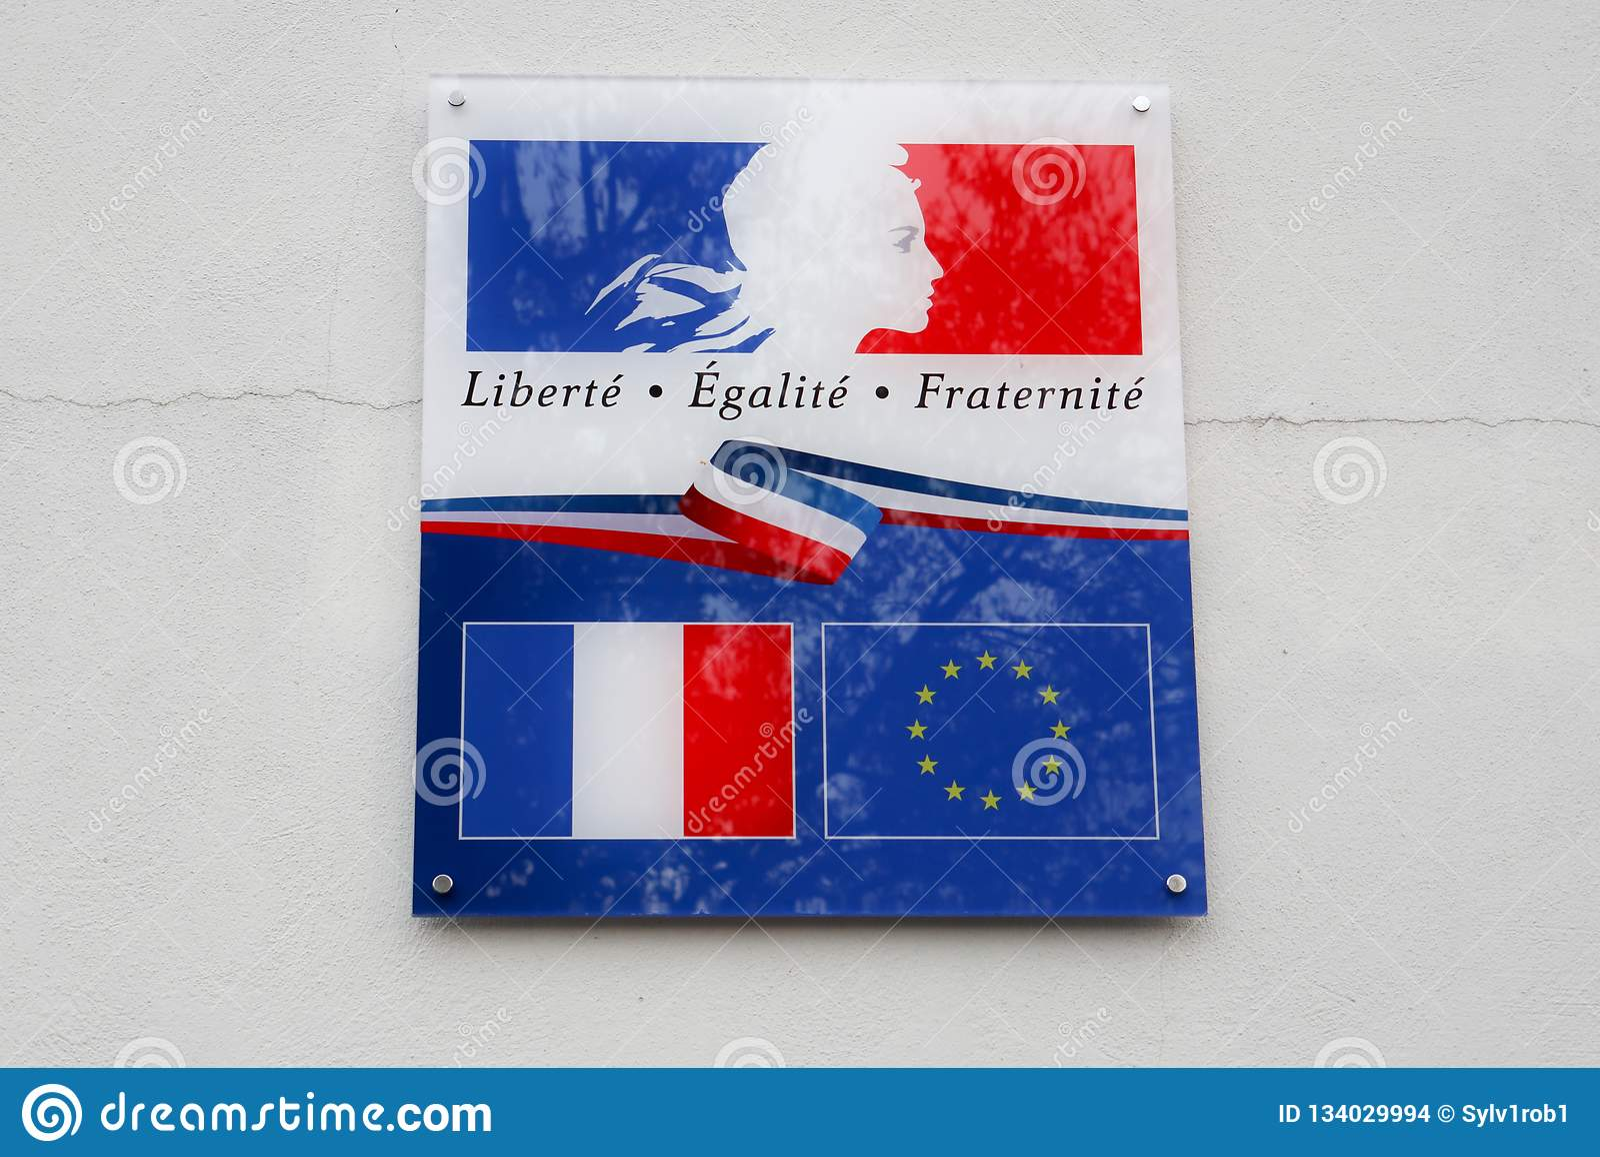 Le drapeau de la France et de l Europe avec écrire le fraternite d egalite de liberte signifie dans le fraternity français d égal